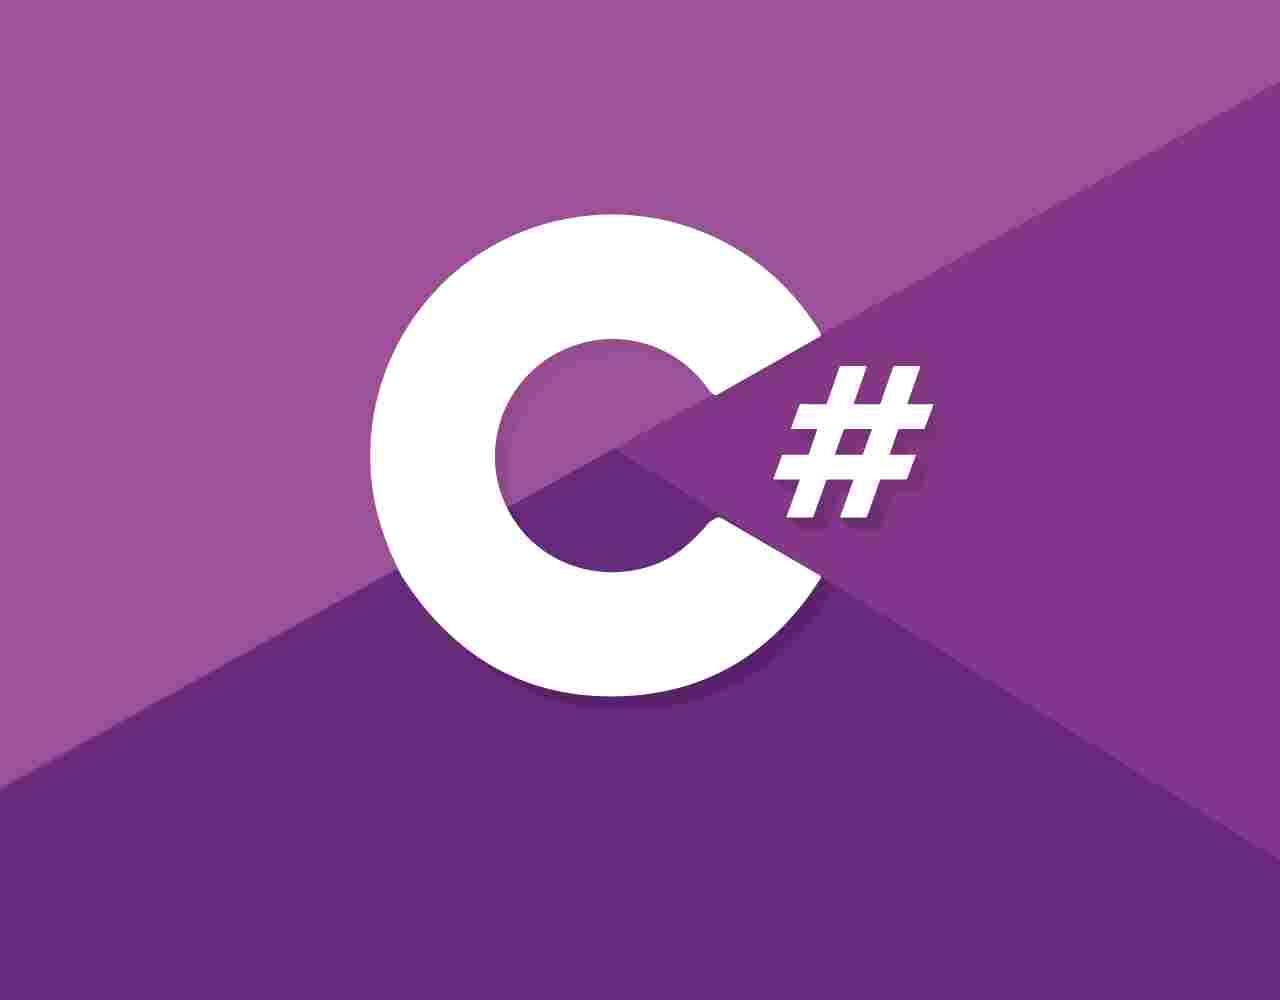 Logo C# Technologies 3Metas